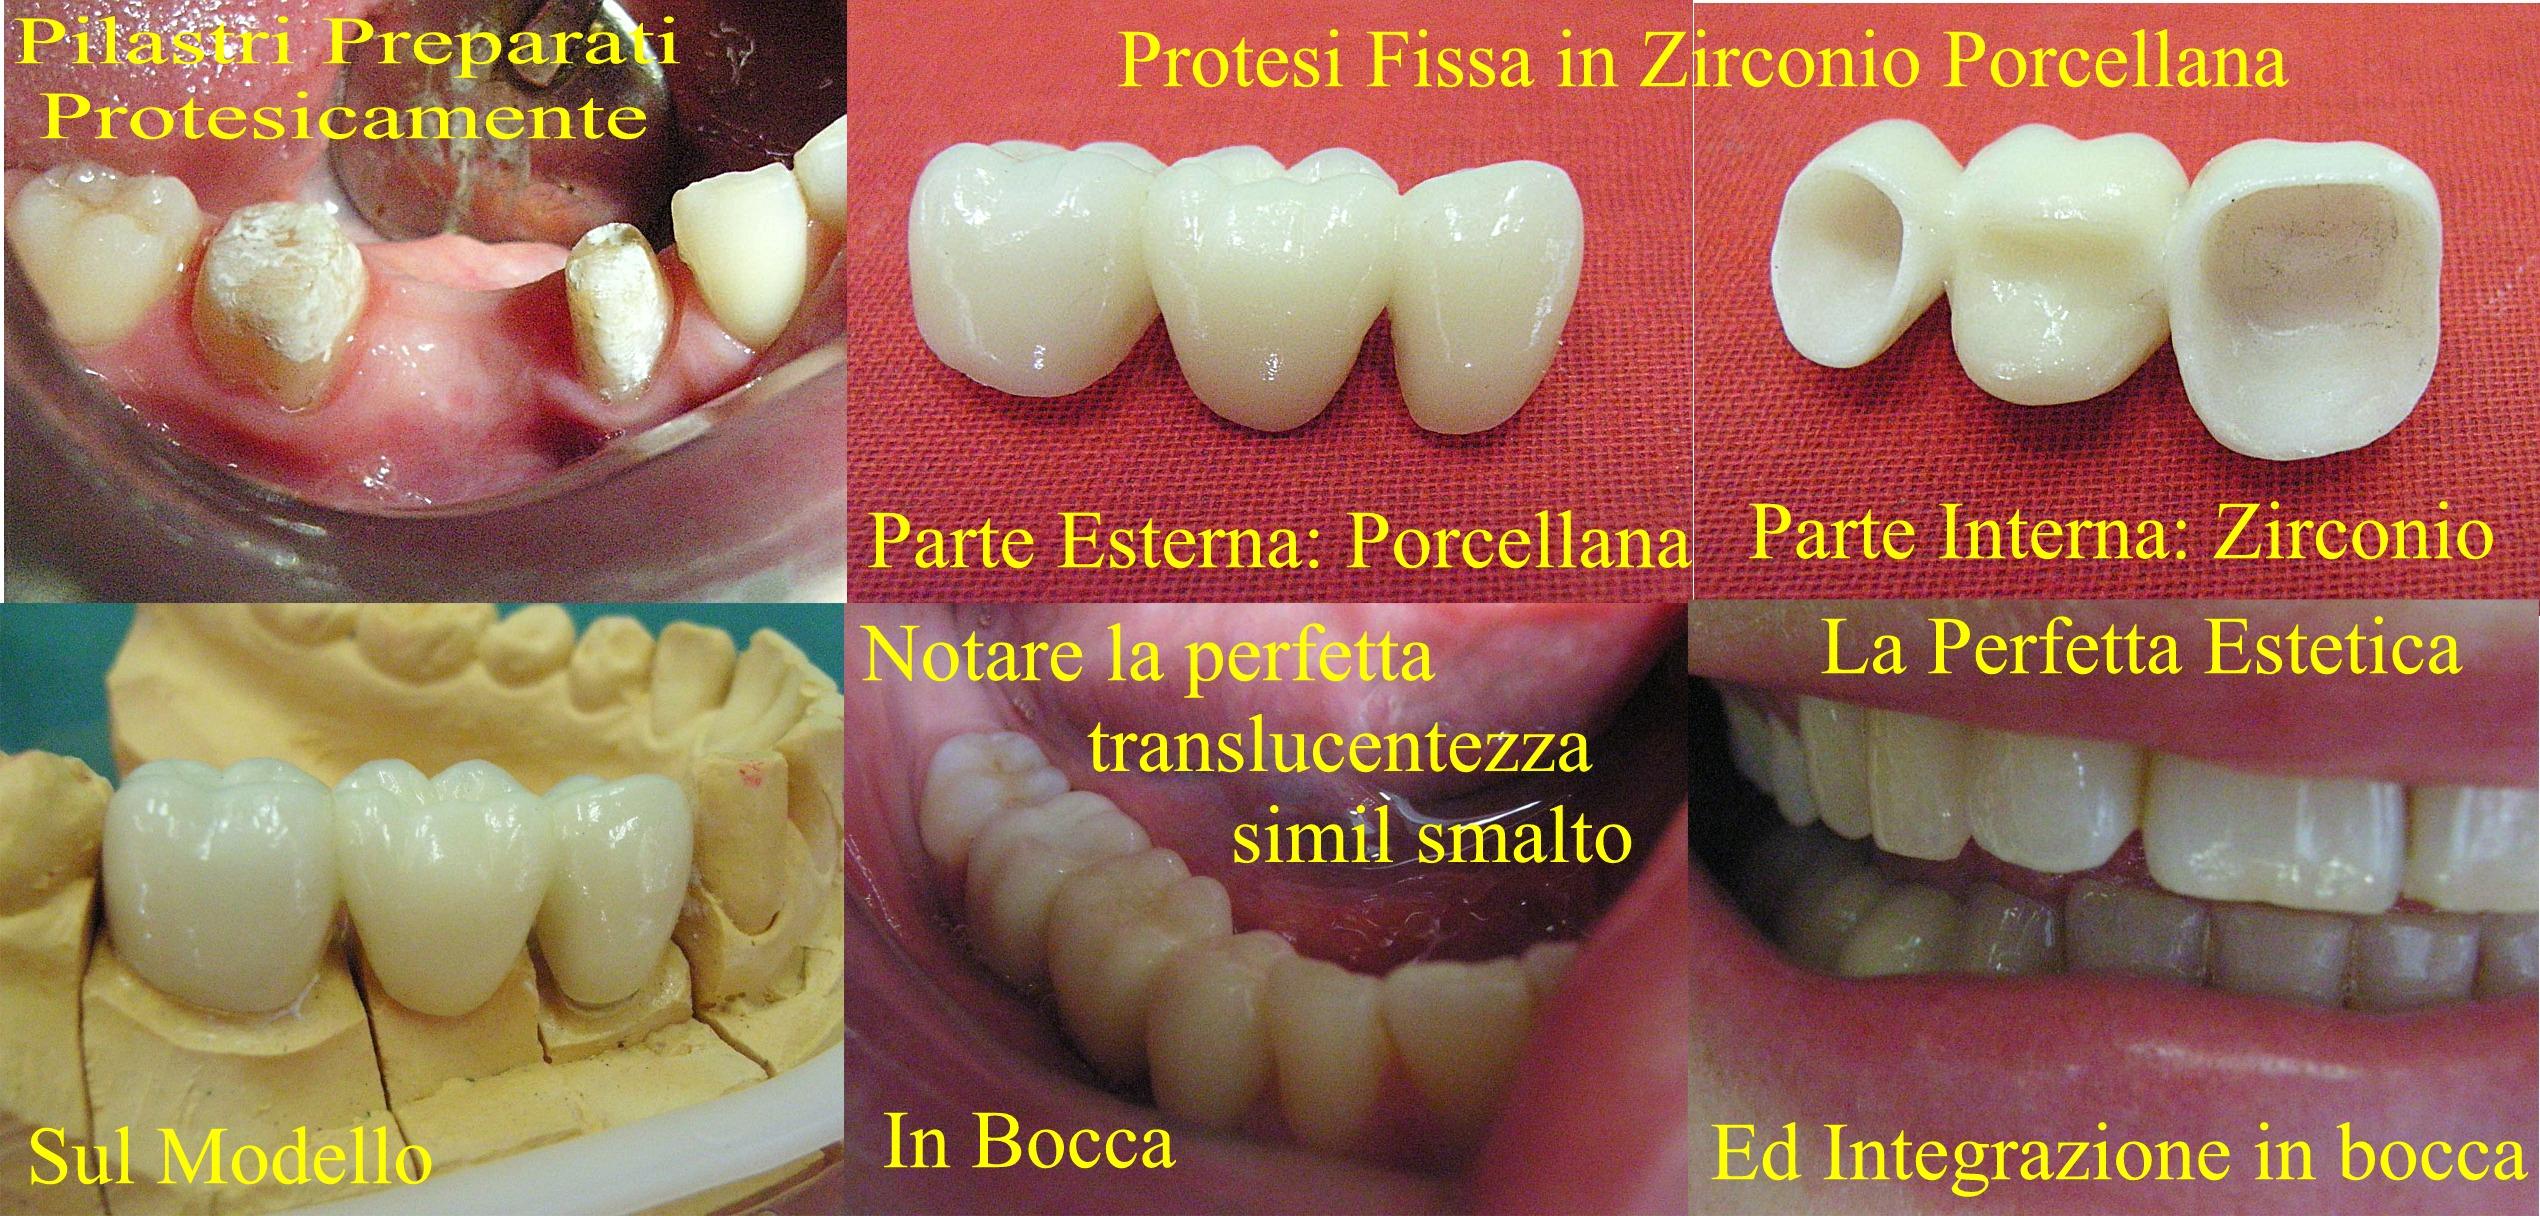 Protesi fissa in zirconio-porcellana da casistica della Dr.ssa Claudia Petti di Cagliari